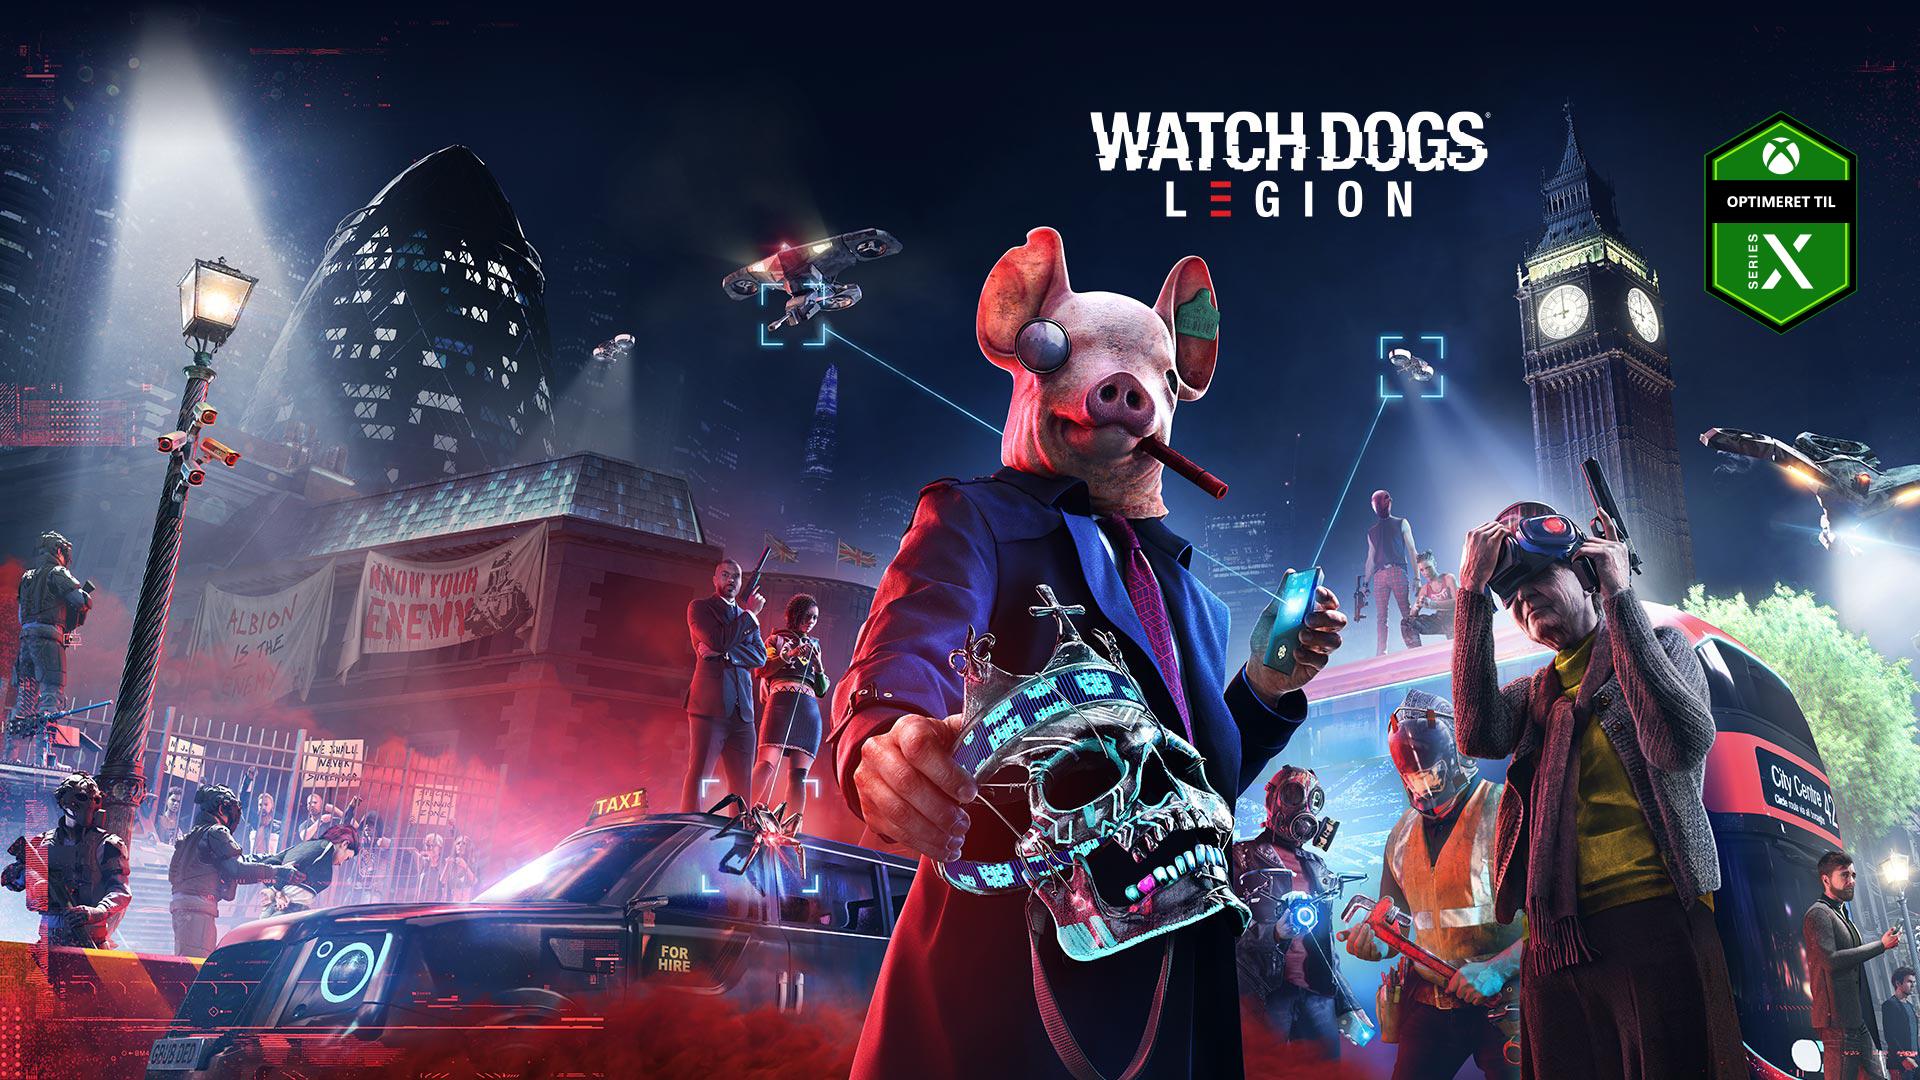 Optimeret til Series X-skilt, Watch Dogs Legion-logo, person i en grisemaske, der holder et kranie, to droner, Big Ben og flere andre karakterer med våben